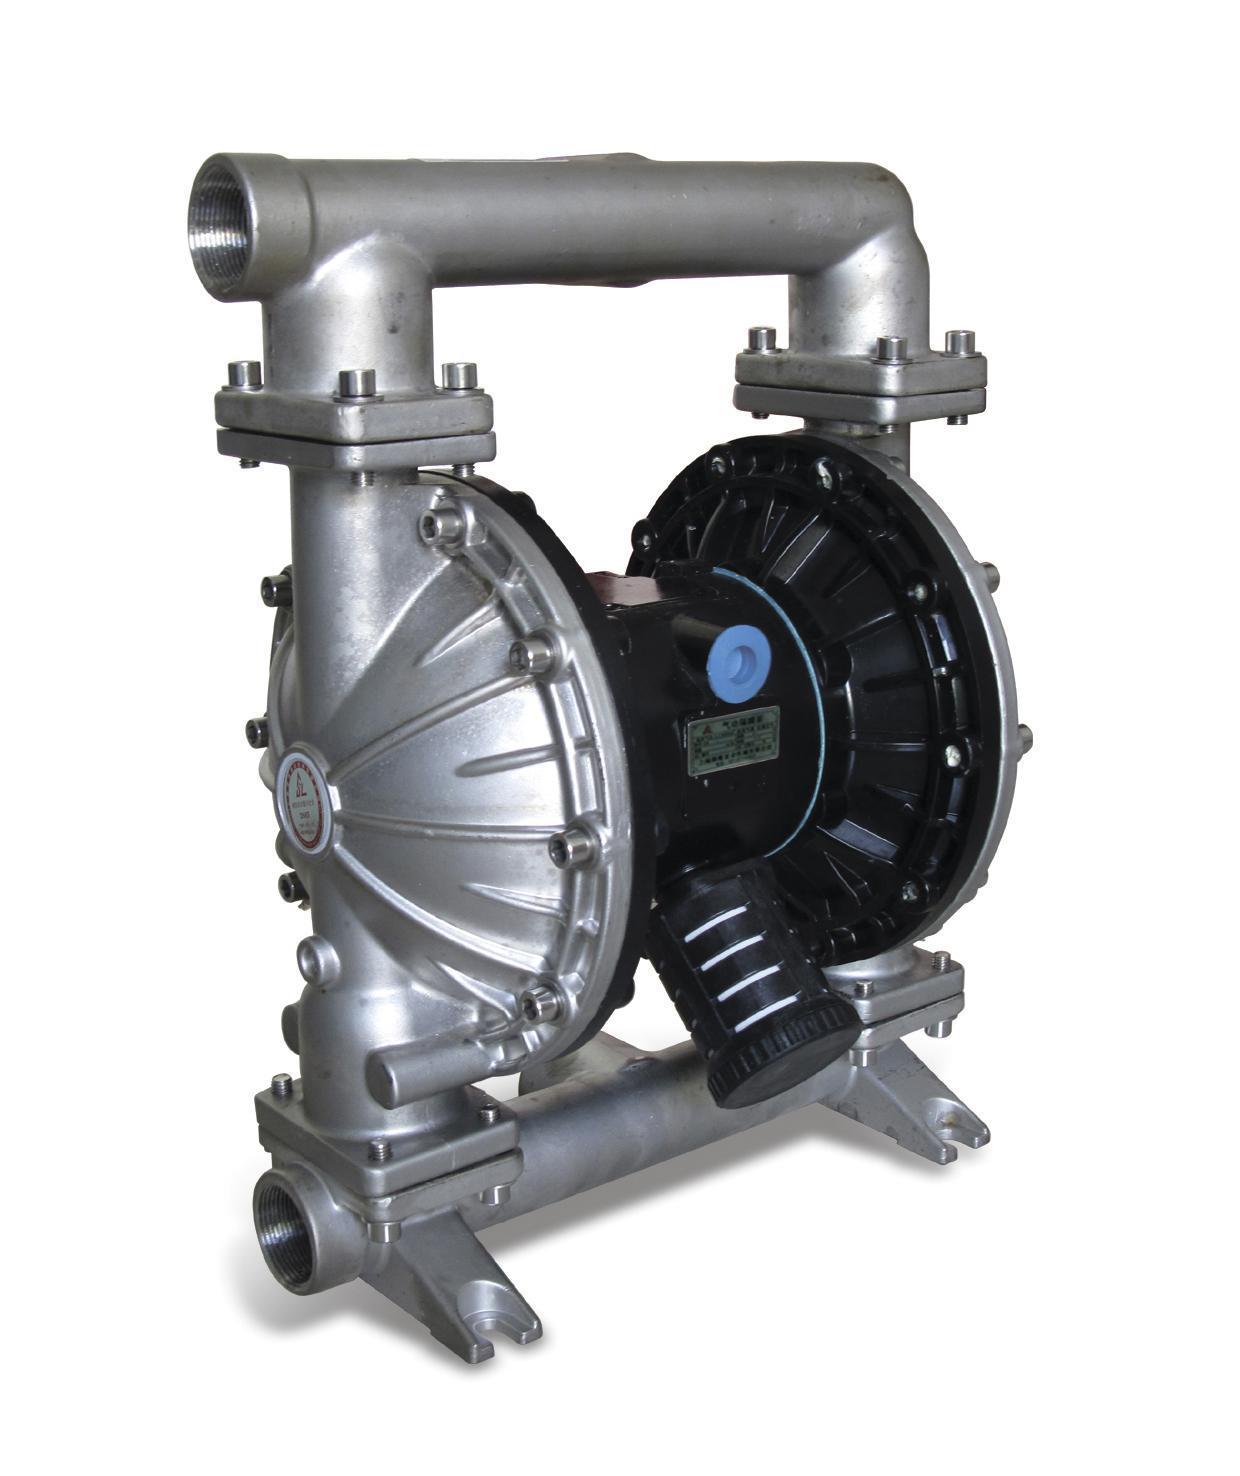 sl40不锈钢气动隔膜泵图片